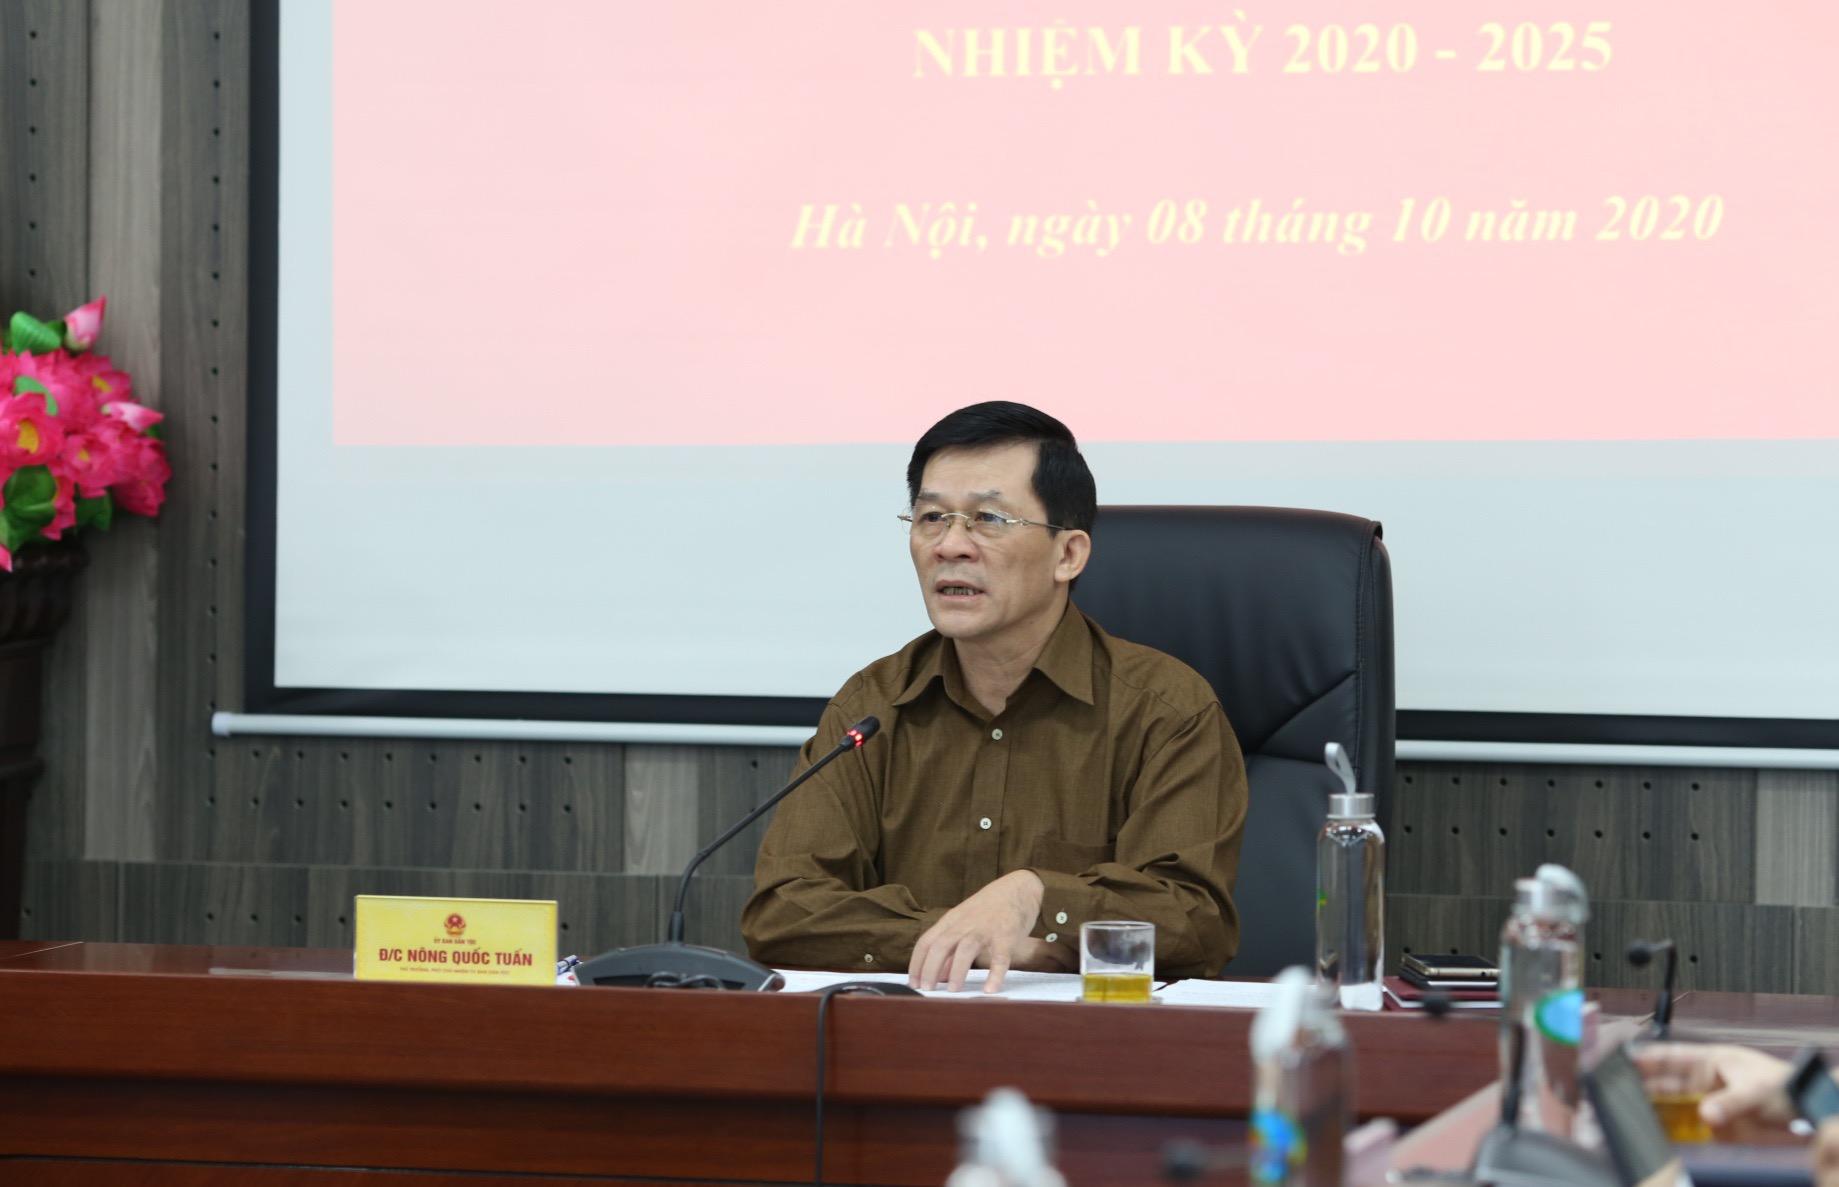 Bí thư Đảng ủy Nông Quốc Tuấn phát biểu tại Hội nghị